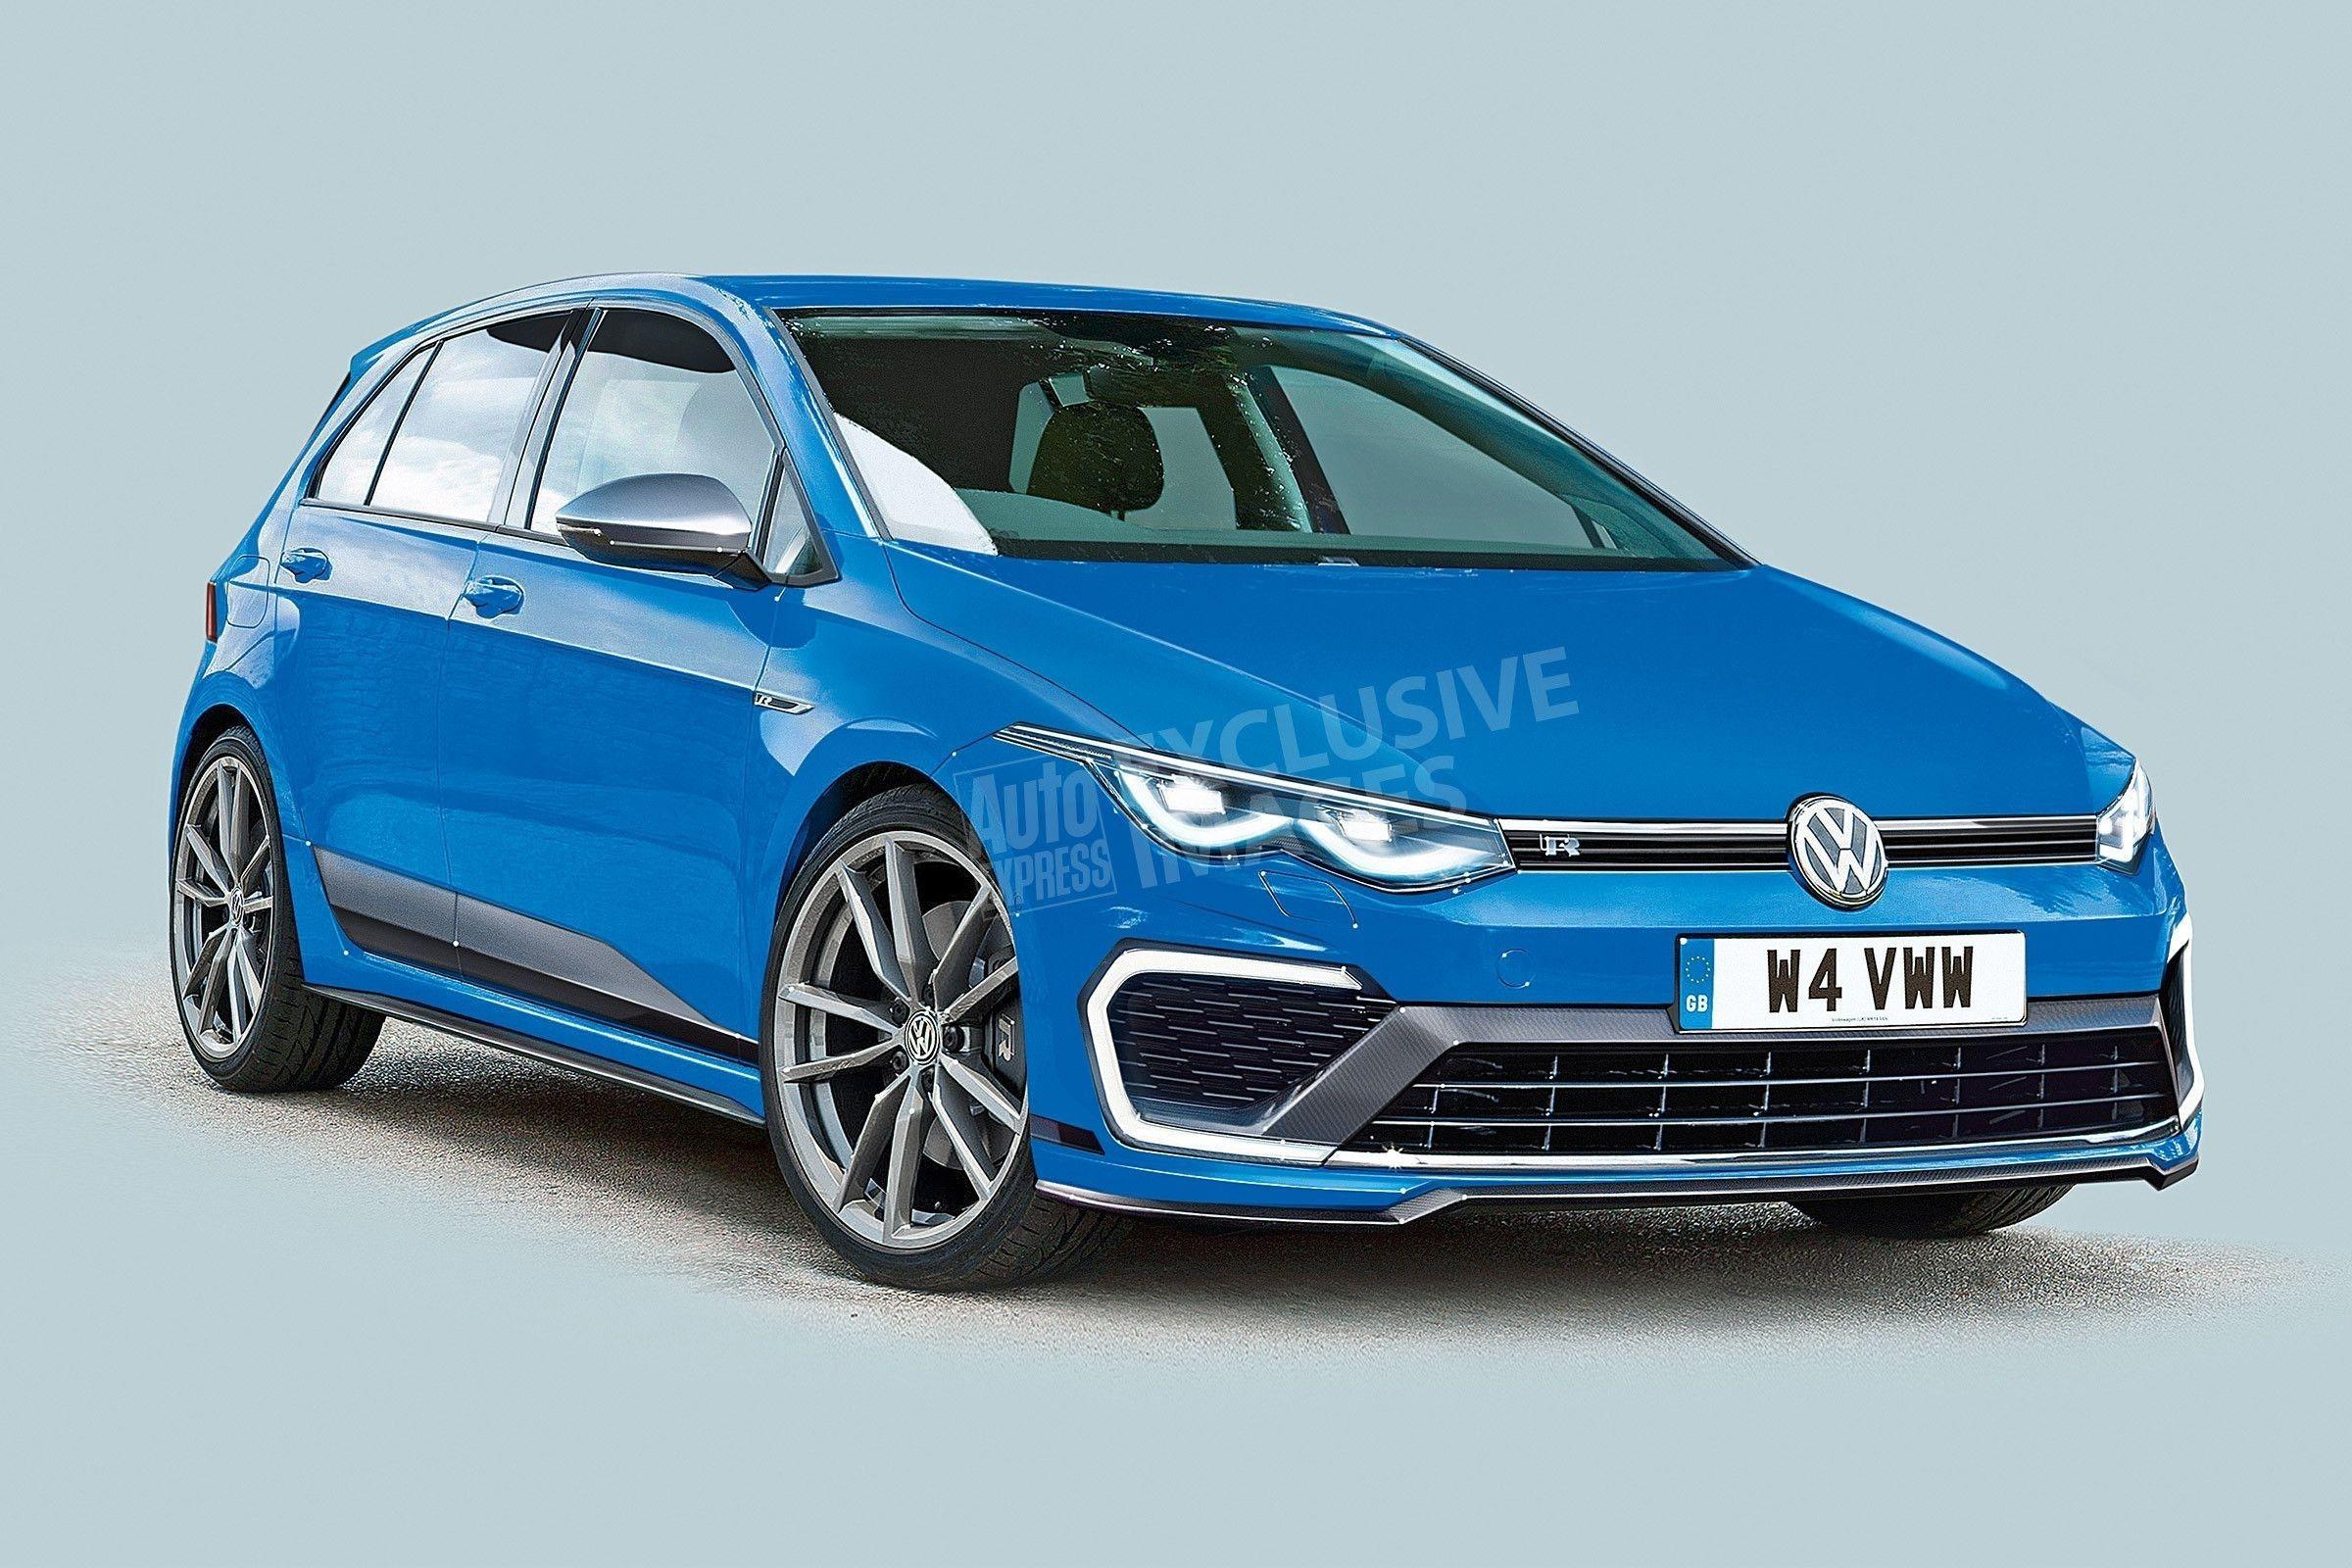 2020 Volkswagen Golf Gtd Cakhd Cakhd Volkswagen Golf R